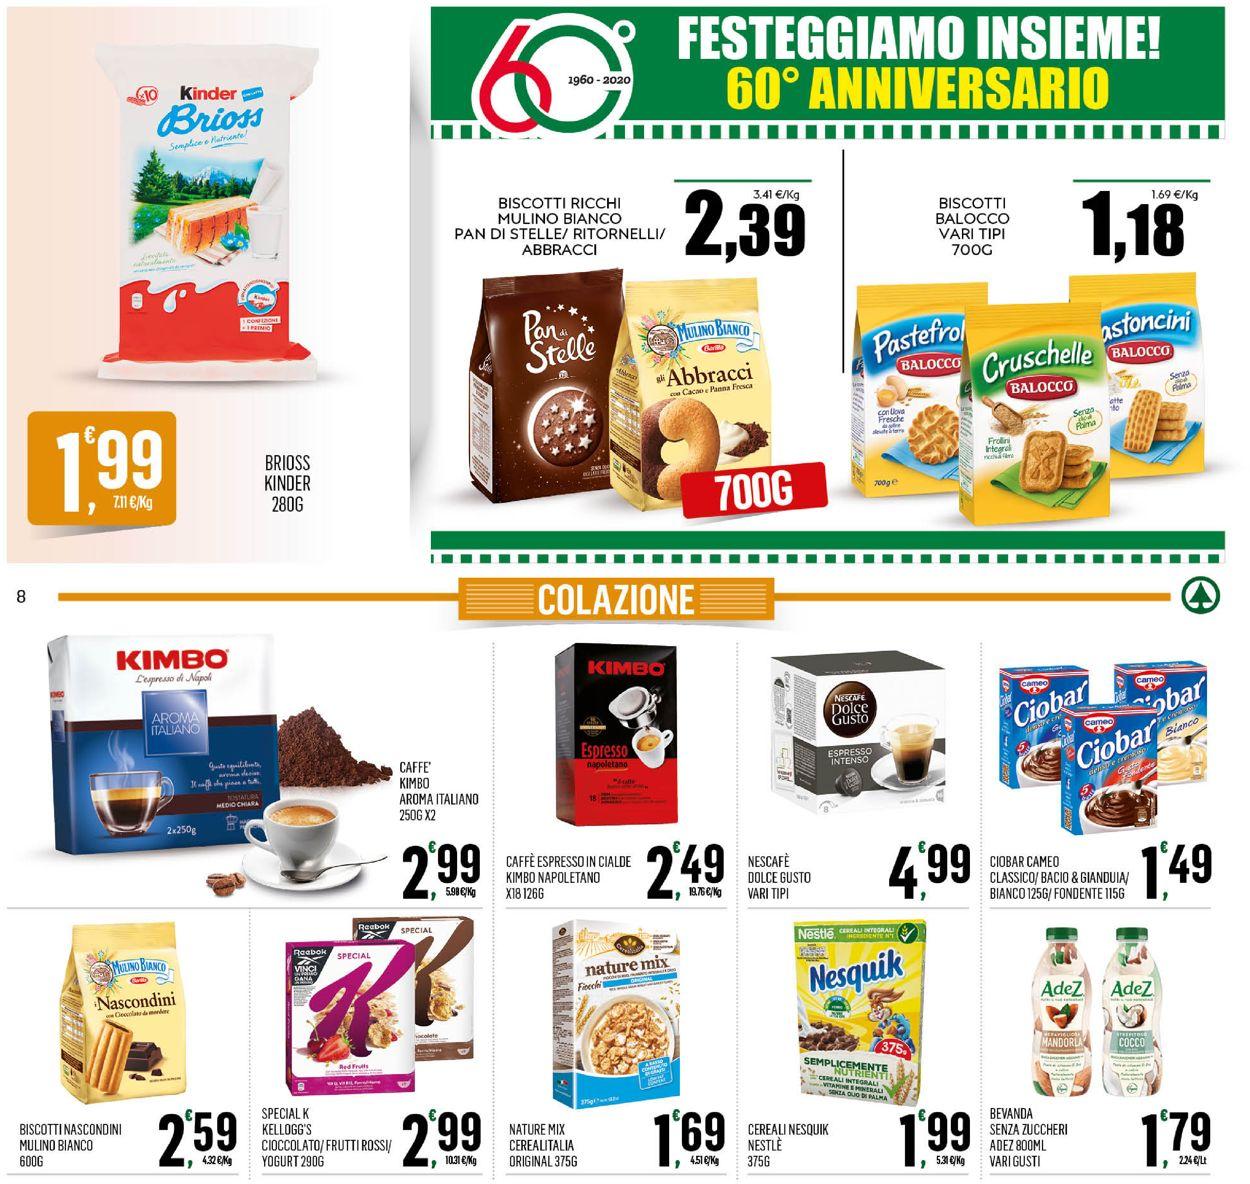 Volantino Despar - Offerte 09/11-18/11/2020 (Pagina 8)